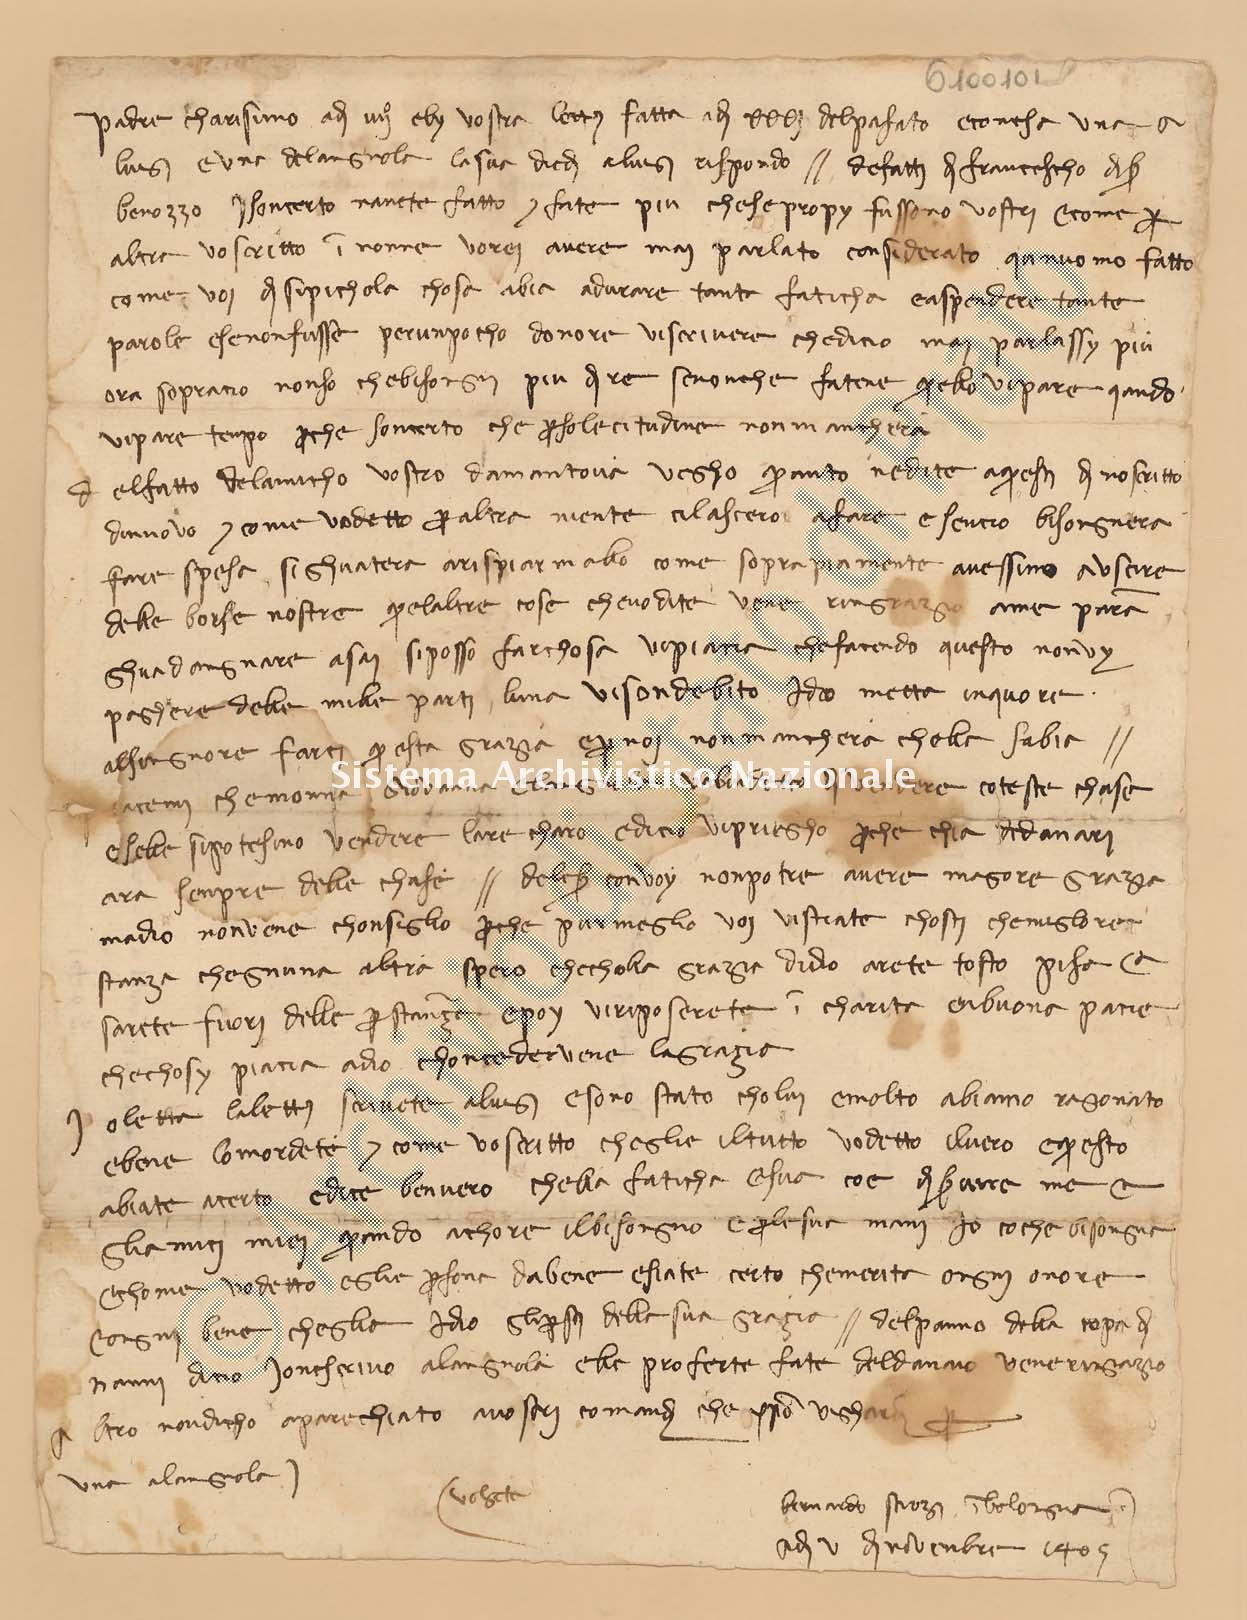 Archivio di Stato di Prato, Fondo Datini, Lettere di vari a Francesco Datini, 1103.6 Lettere Di Strozzi Bernardo Di Giovanni a Datini Francesco Di Marco (busta 1103, inserto 6, codice 6100101)